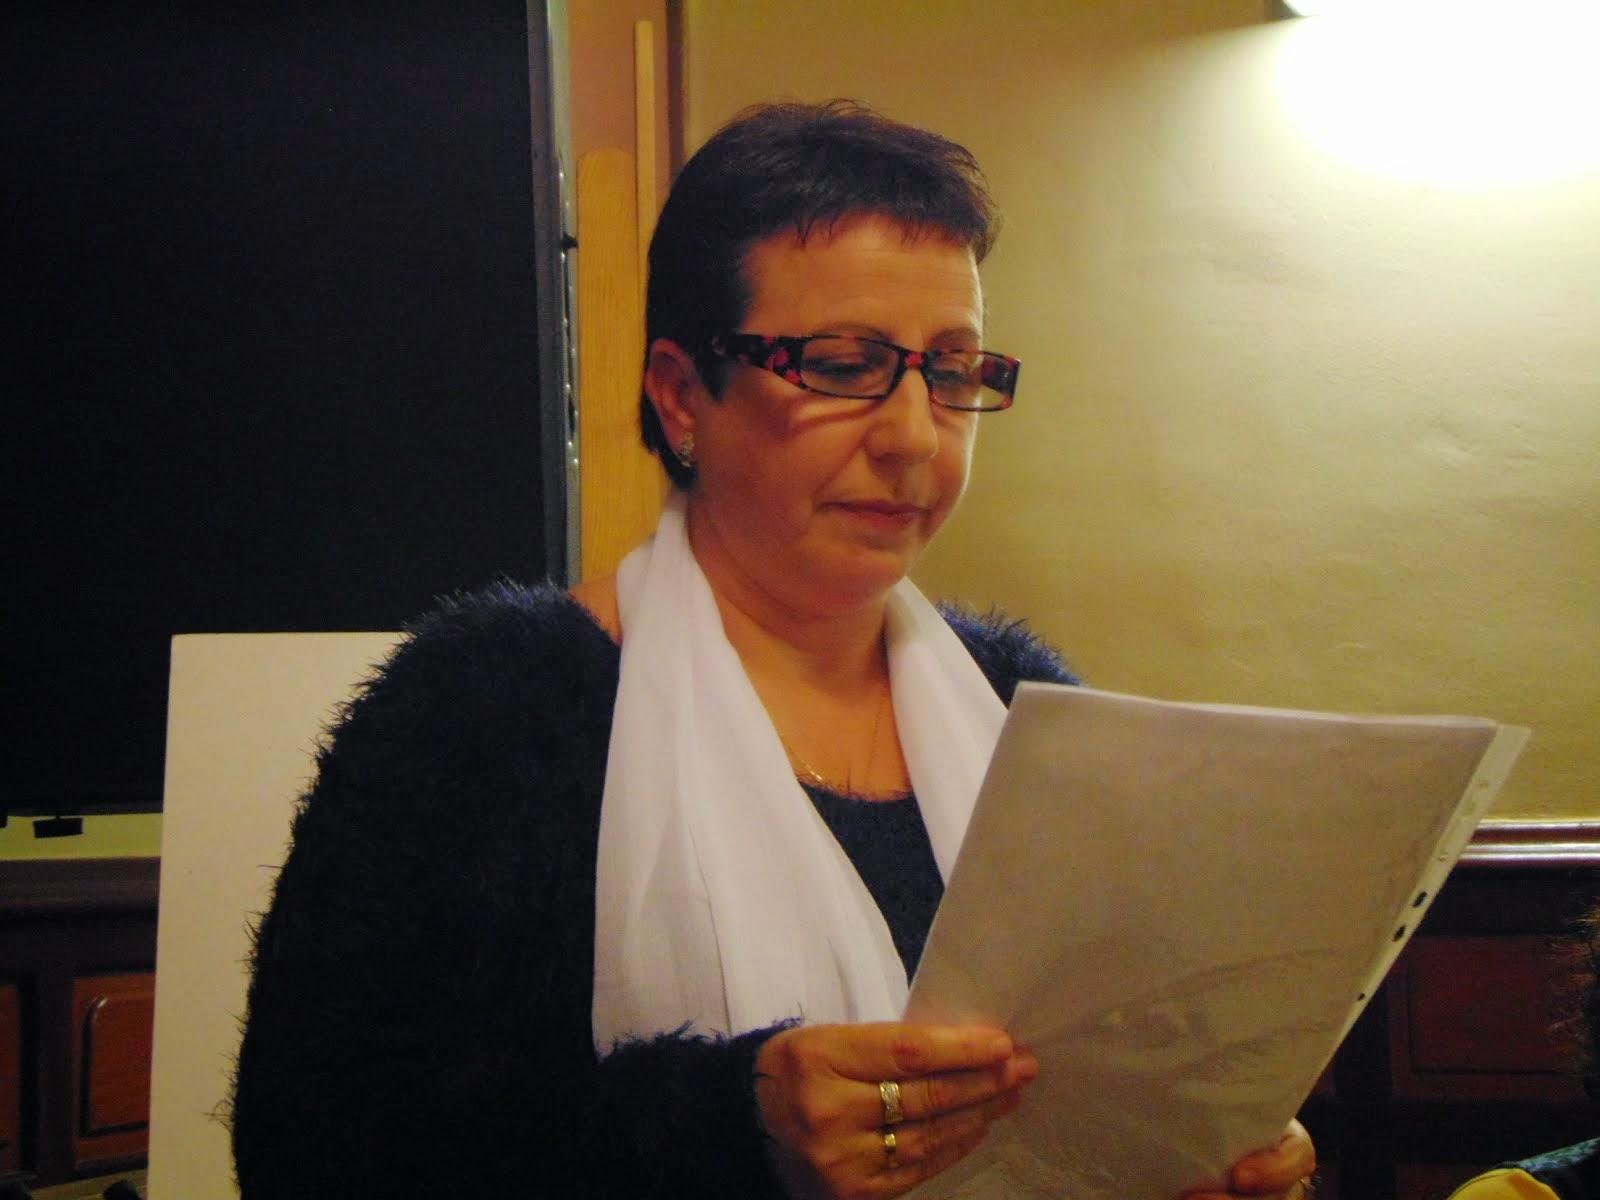 Recitando en el Ateneu de Rubí